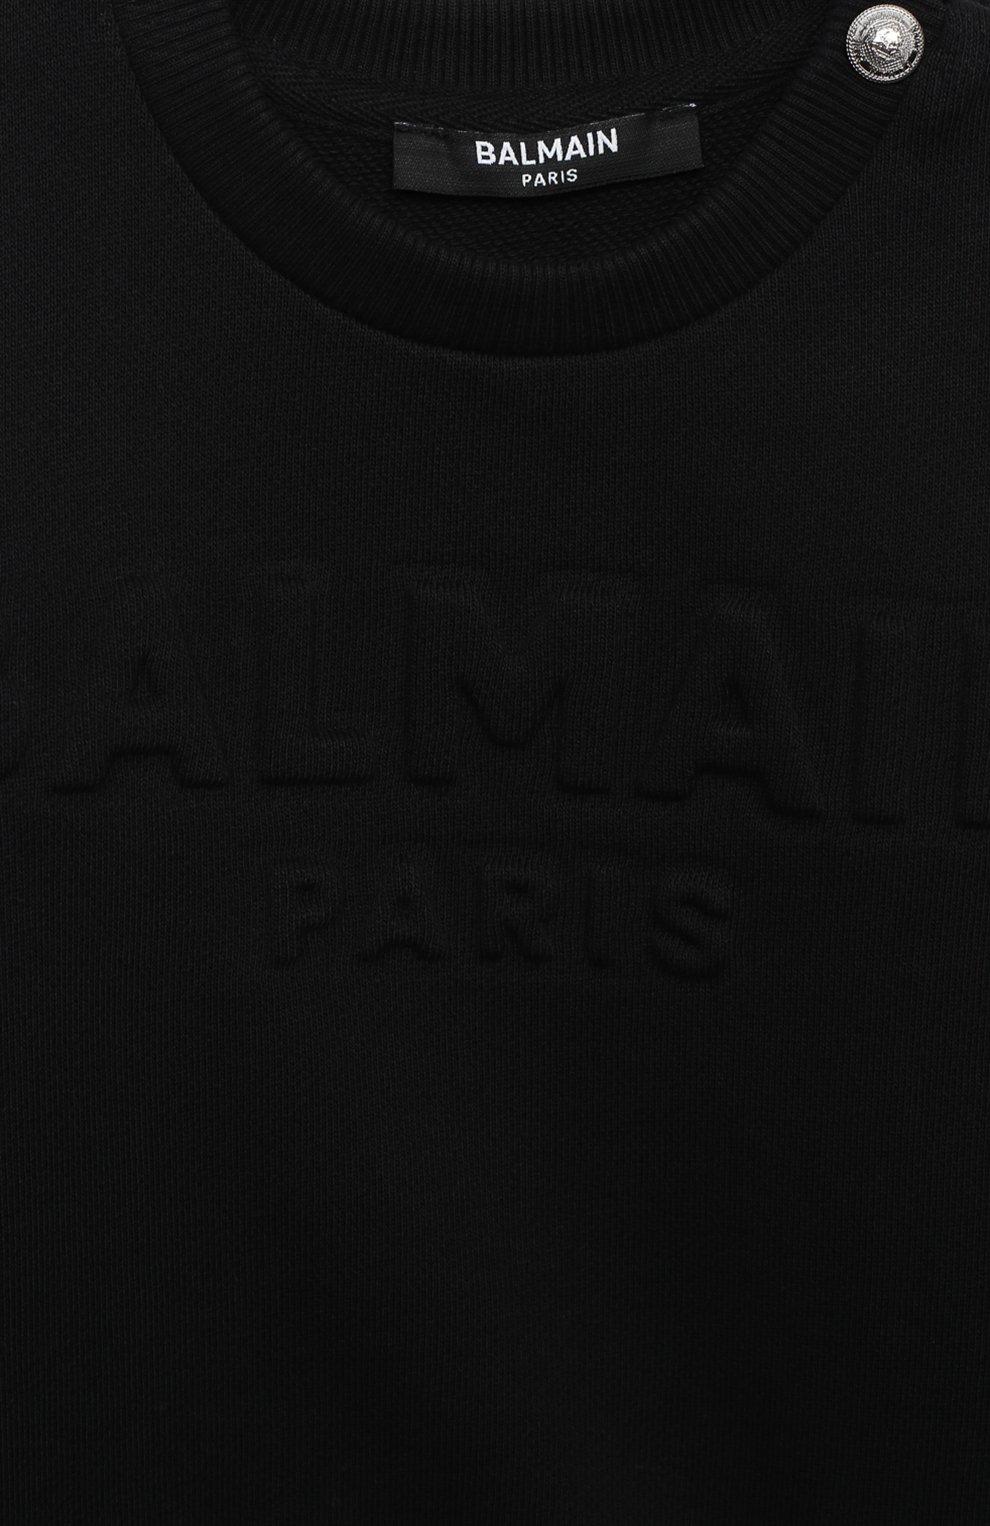 Детский хлопковый свитшот BALMAIN черного цвета, арт. 6N4840/NX300/3-9M   Фото 3